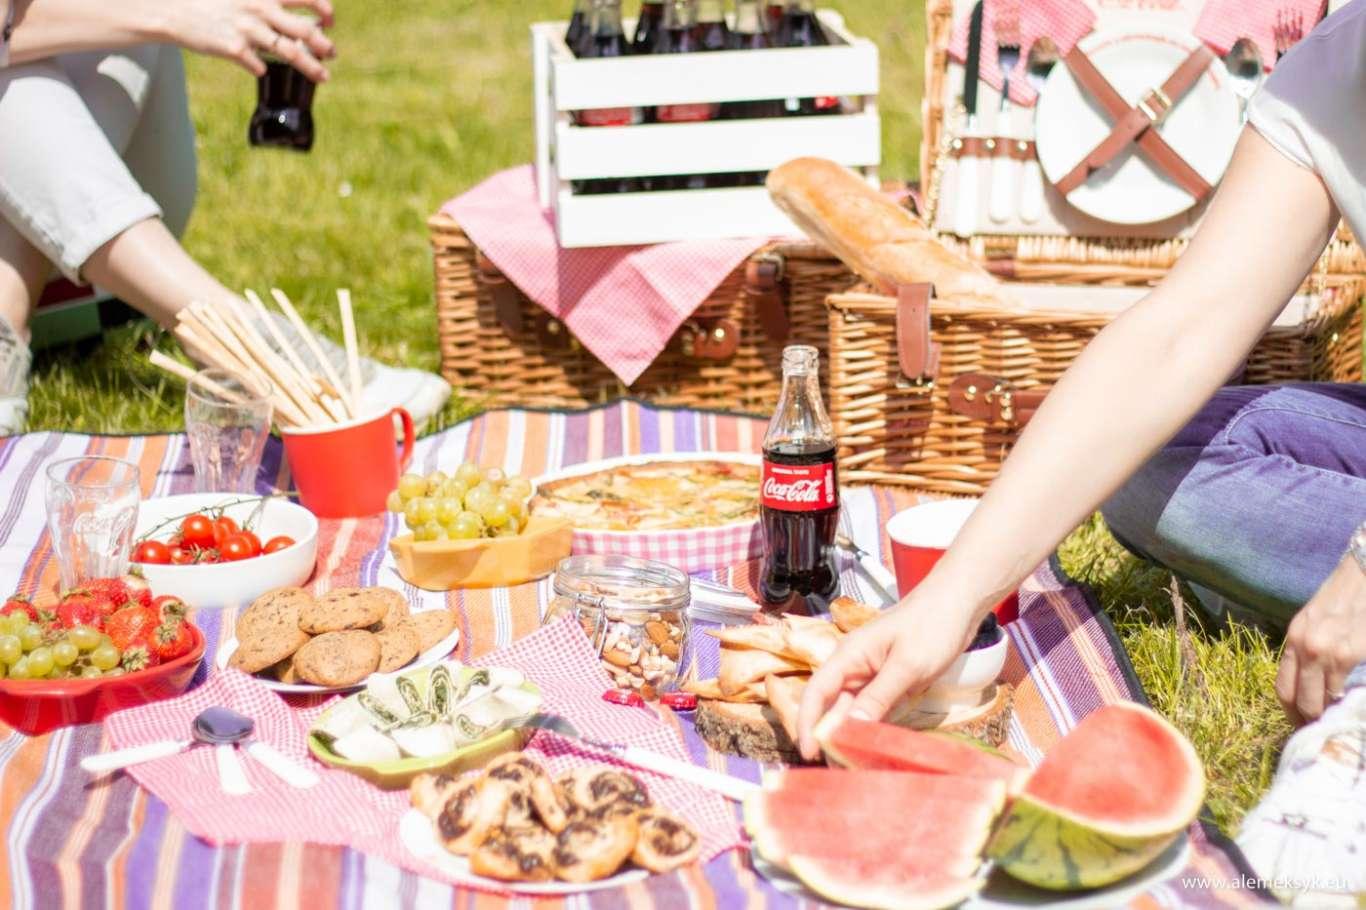 Plener pełną gębą - czyli jak mądrze i z głową przygotować piknik?